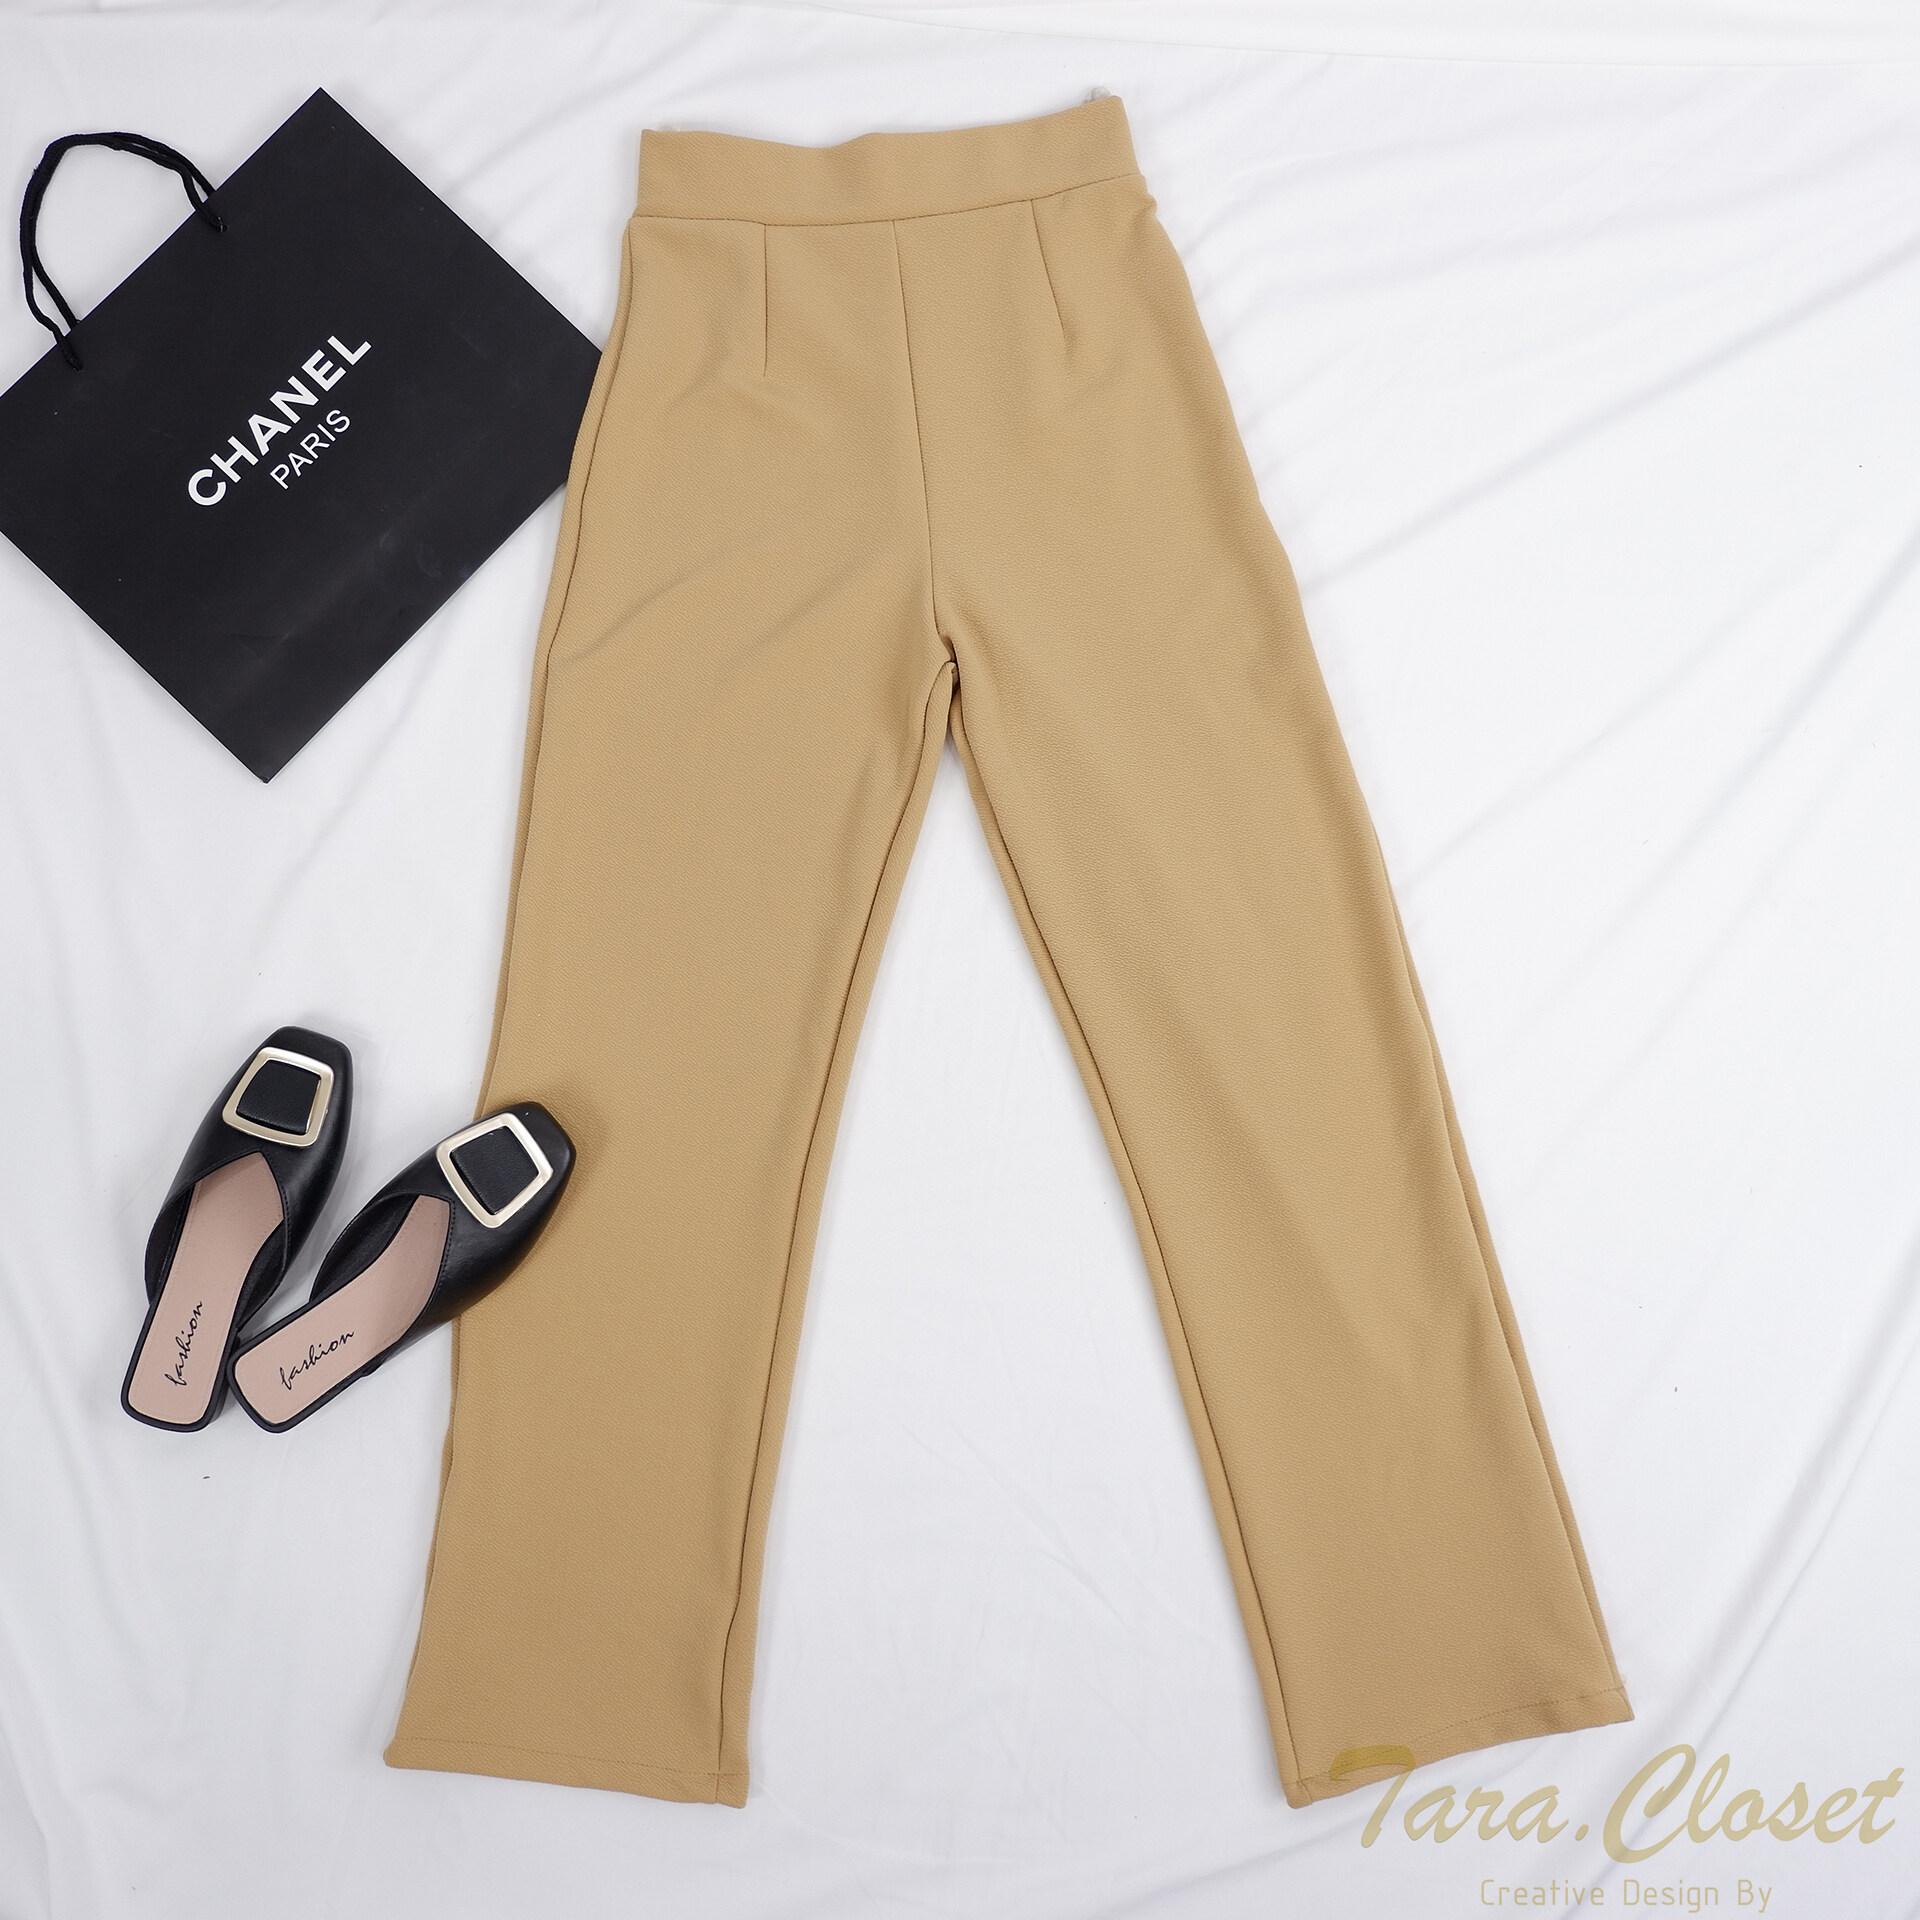 PW501 TARA Long pants กางเกงขายาว เอวสูง ทรงขากระบอก เนื้อผ้าวูลเวฟ ผ้ายืด ใส่สบาย